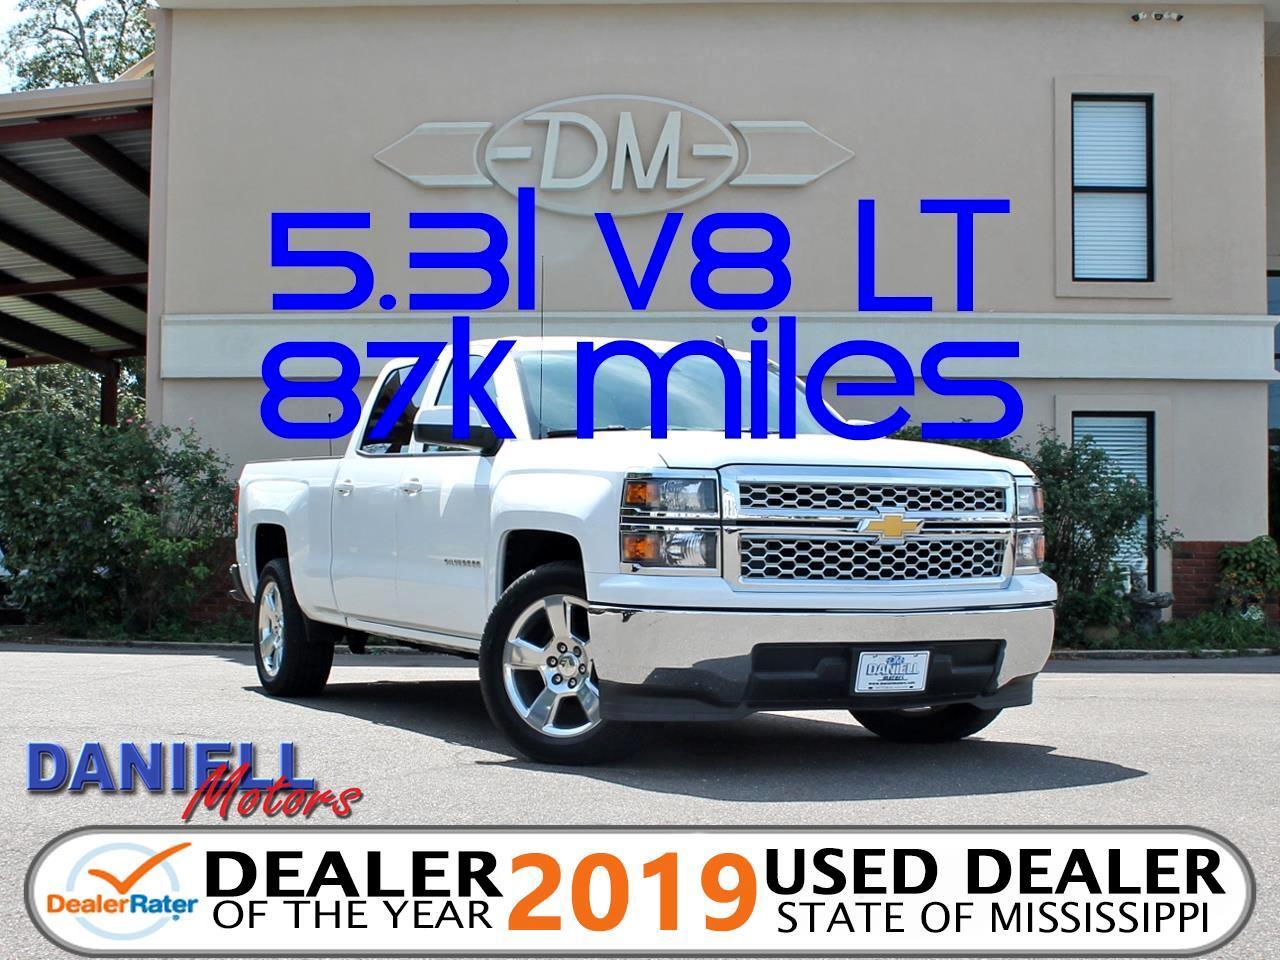 2014 Chevrolet Silverado 1500 1LT Crew Cab 2WD